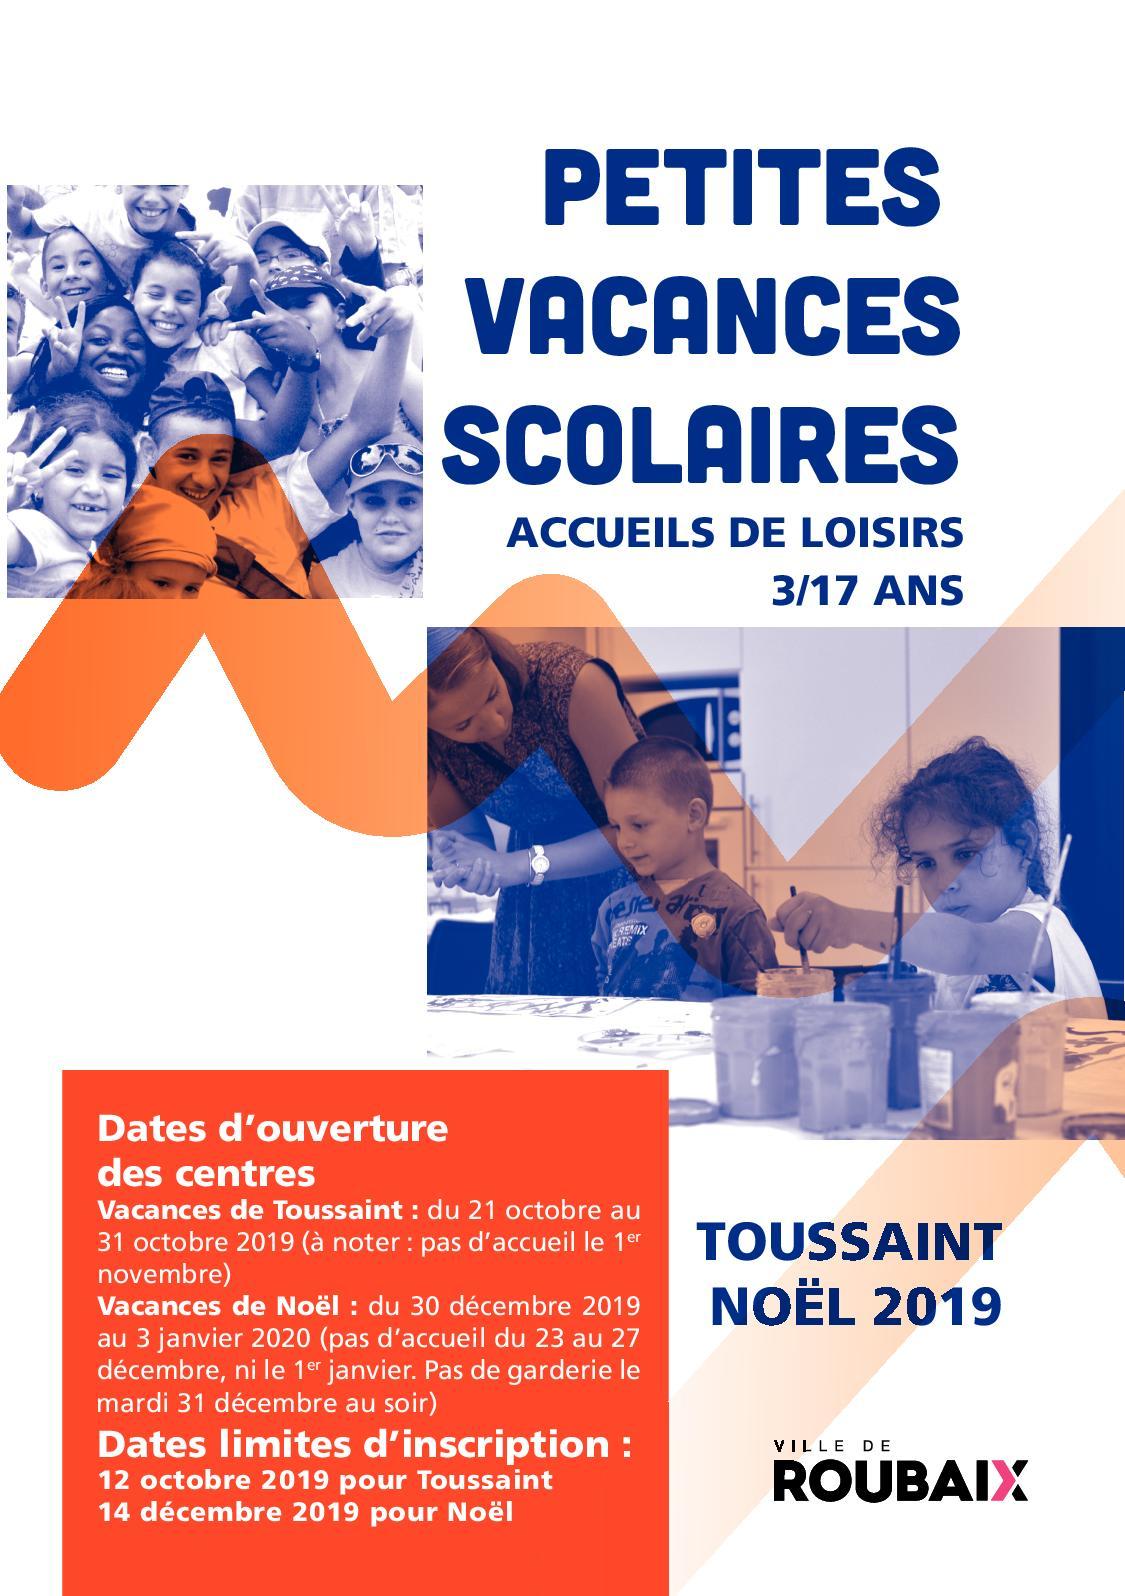 Calam o petites vacances scolaires toussaint no l 2019 - Les vacances de la toussaint 2020 ...